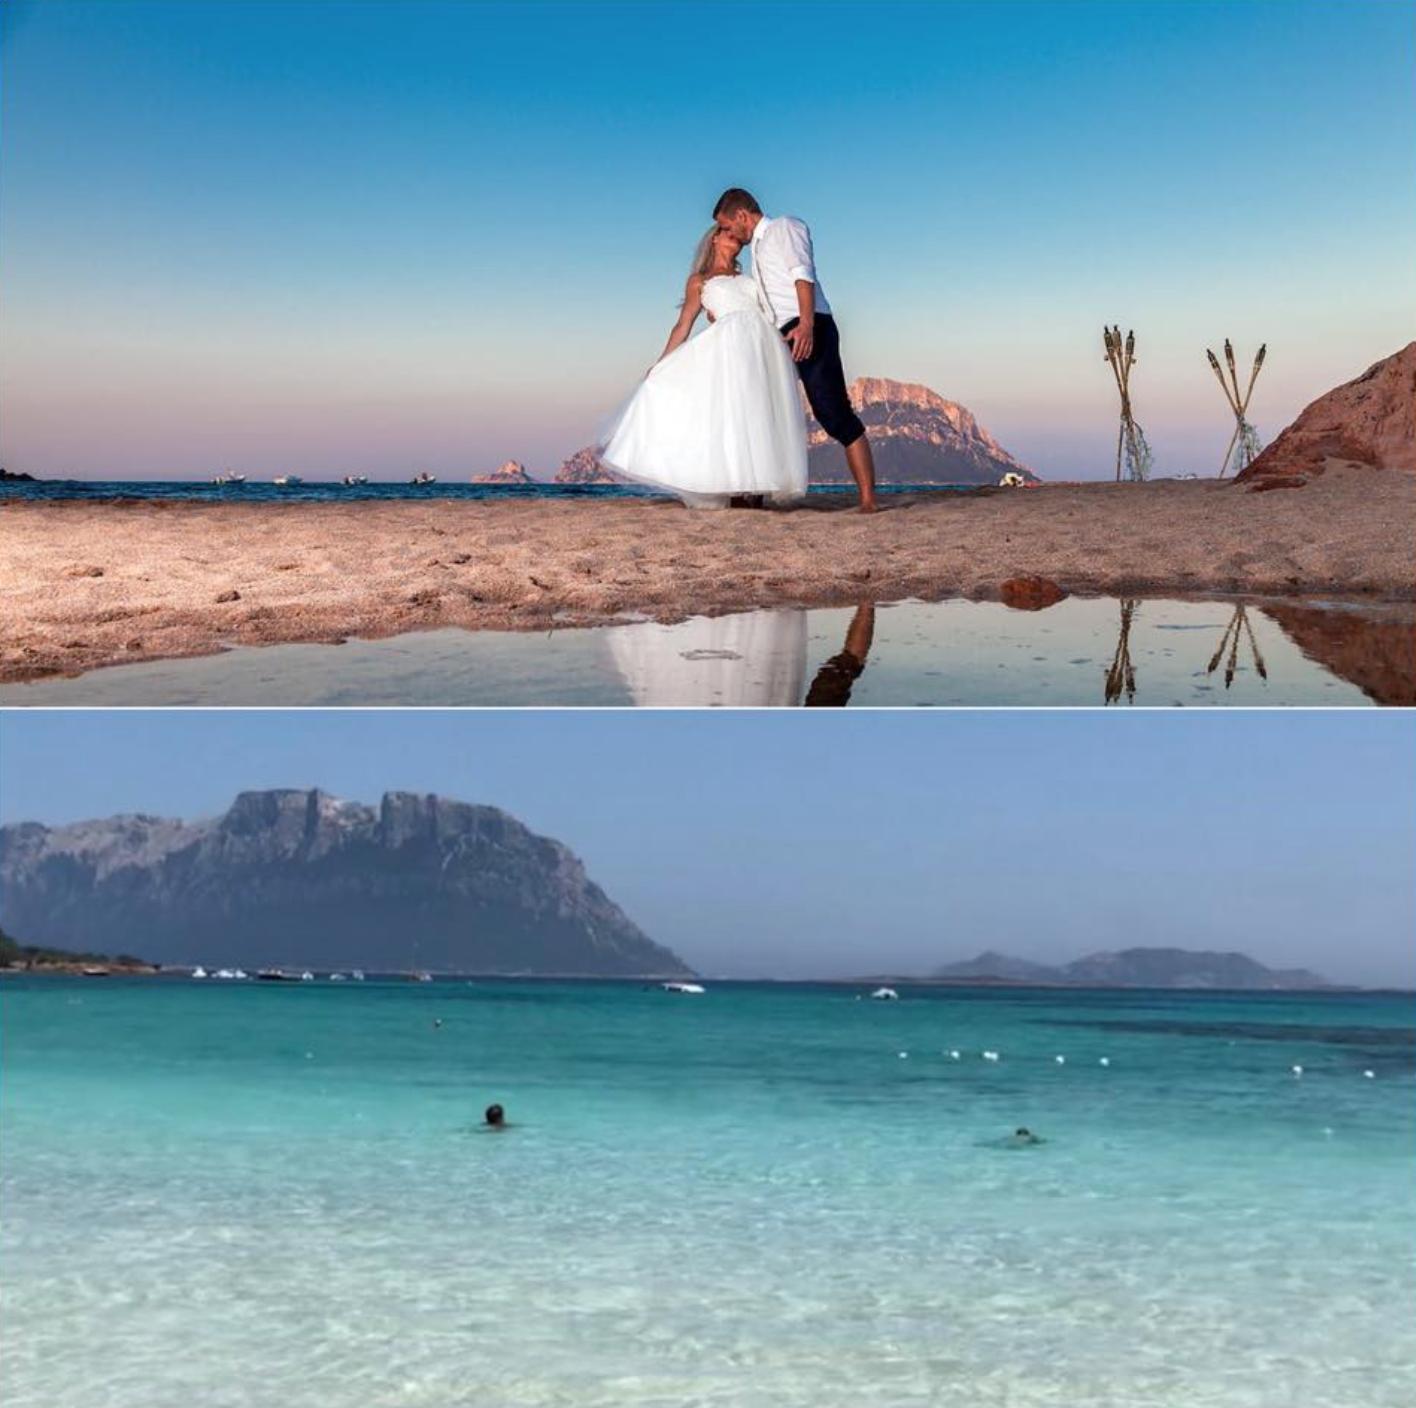 Traumhochzeit am Strand Sardinien Italien